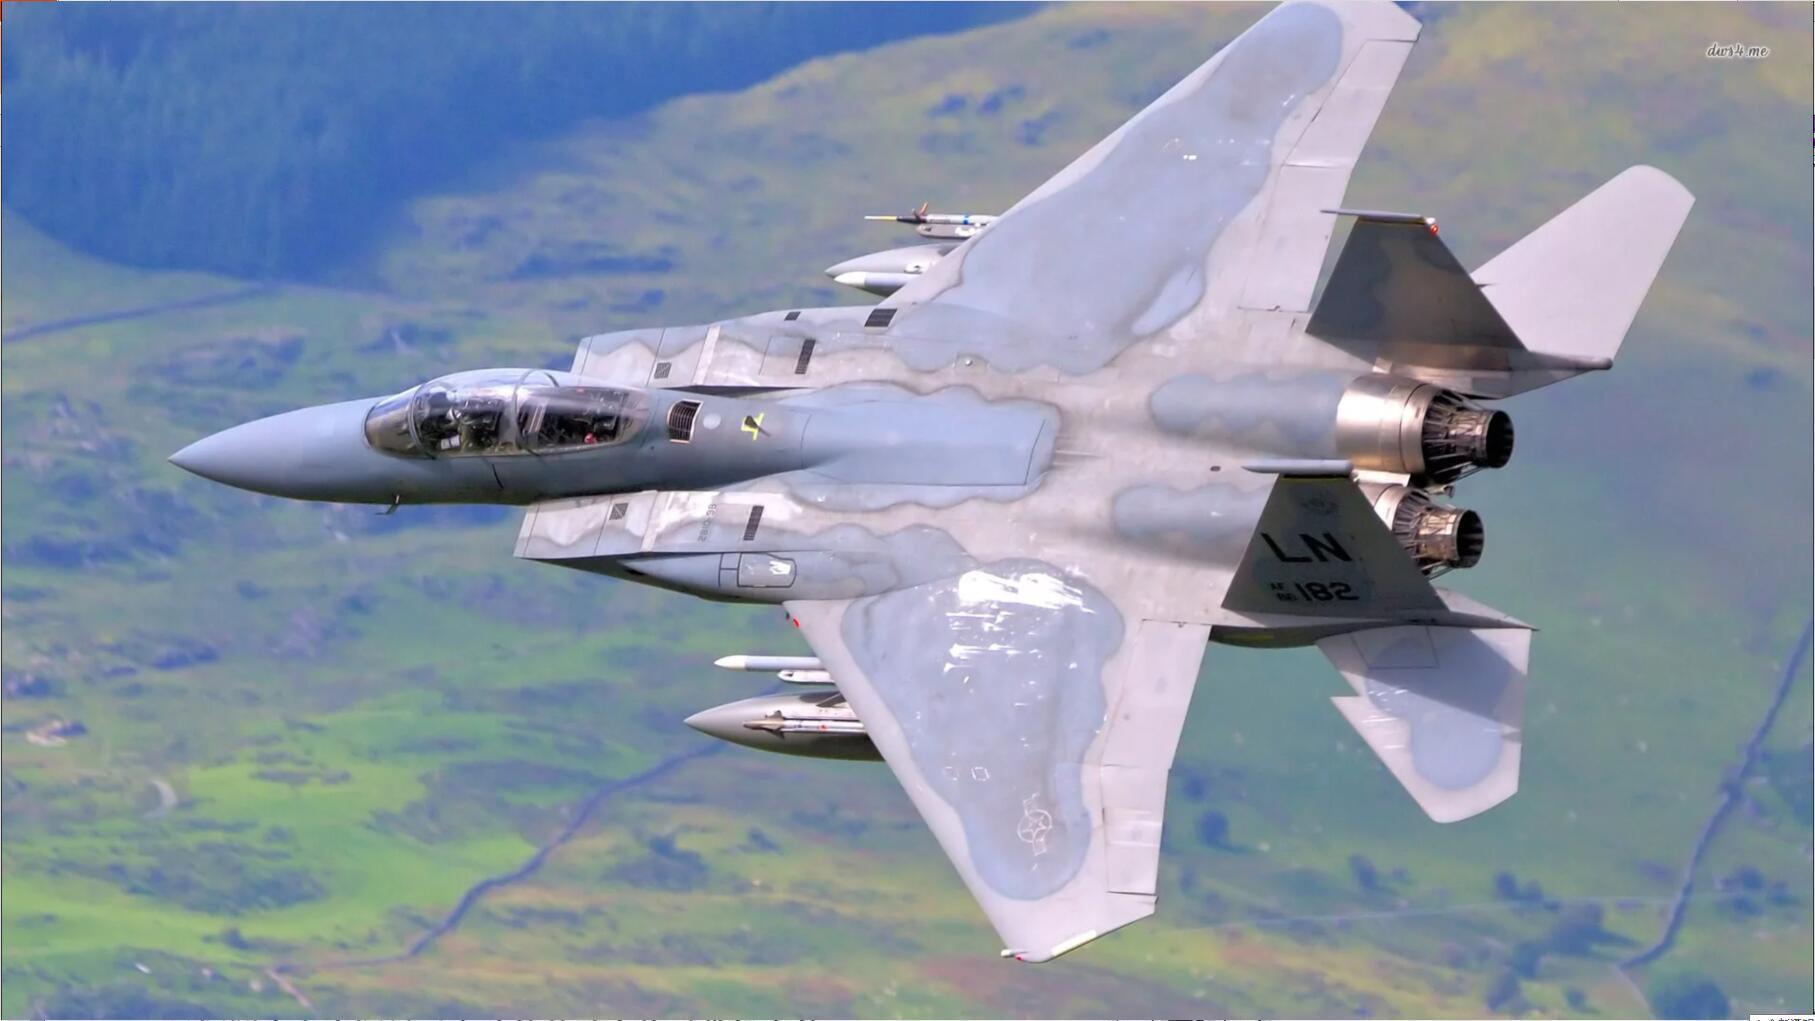 正文  歼11b战斗机,盘旋和滚转比较差,遇到歼10不格斗是教条 鸭式布局图片